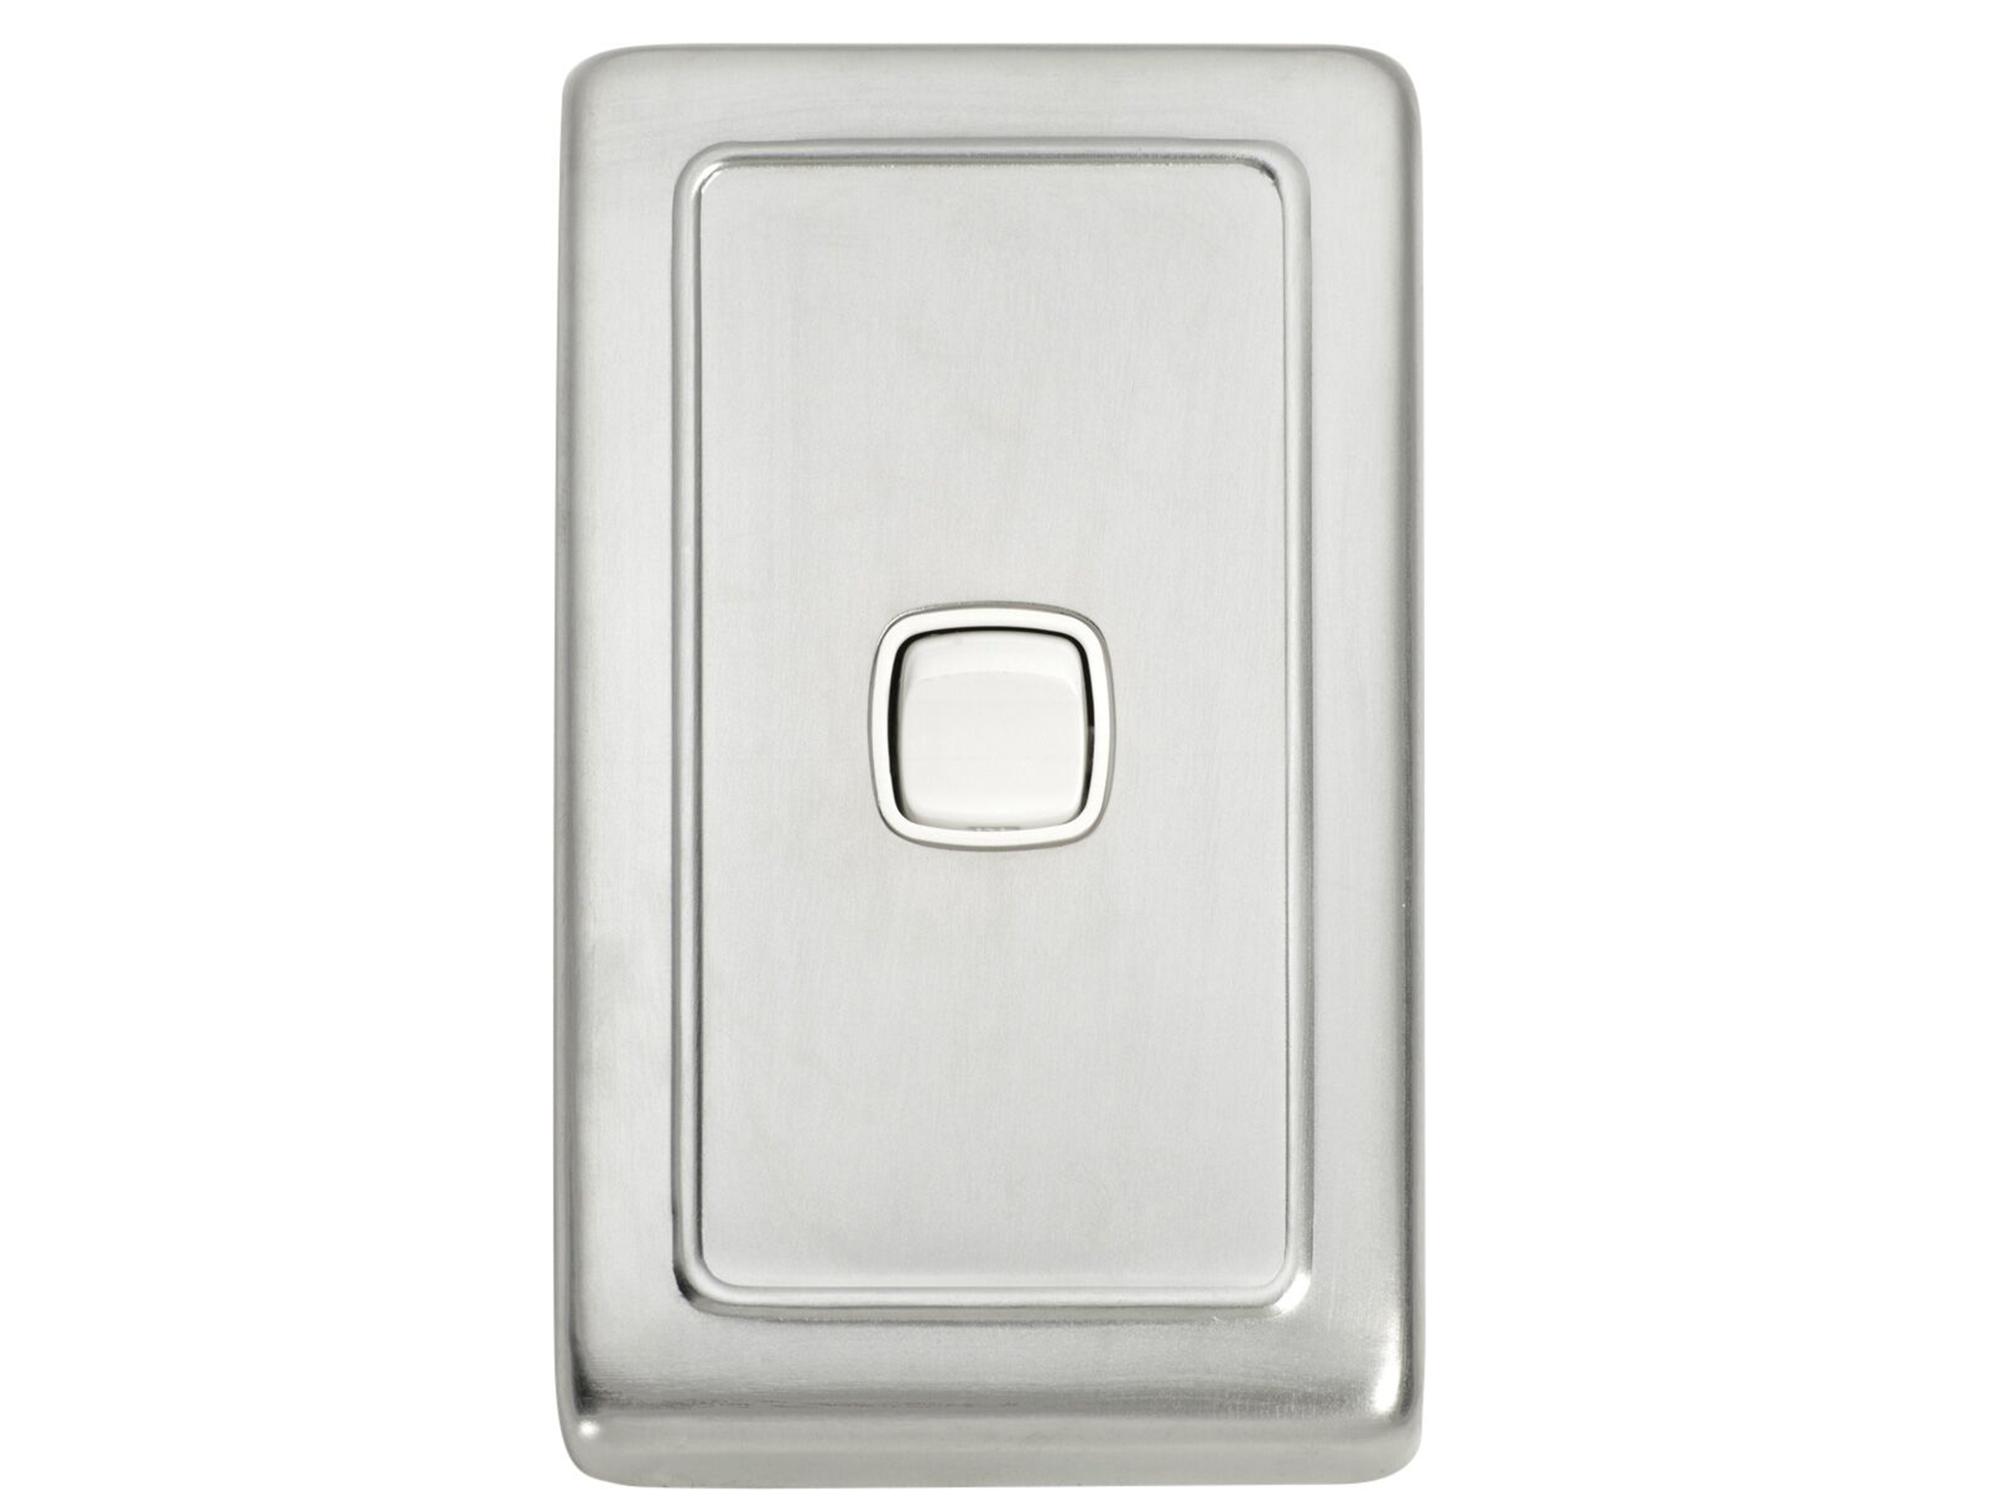 Rocker Light Switch >> Tradco Flat Plate Rocker Light Switch